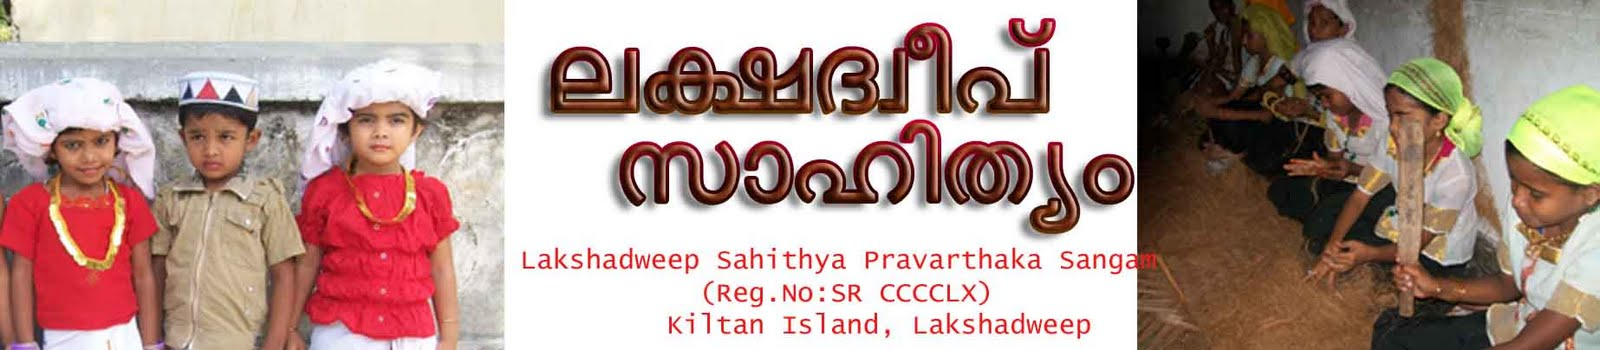 Lakshadweep Sahithyam